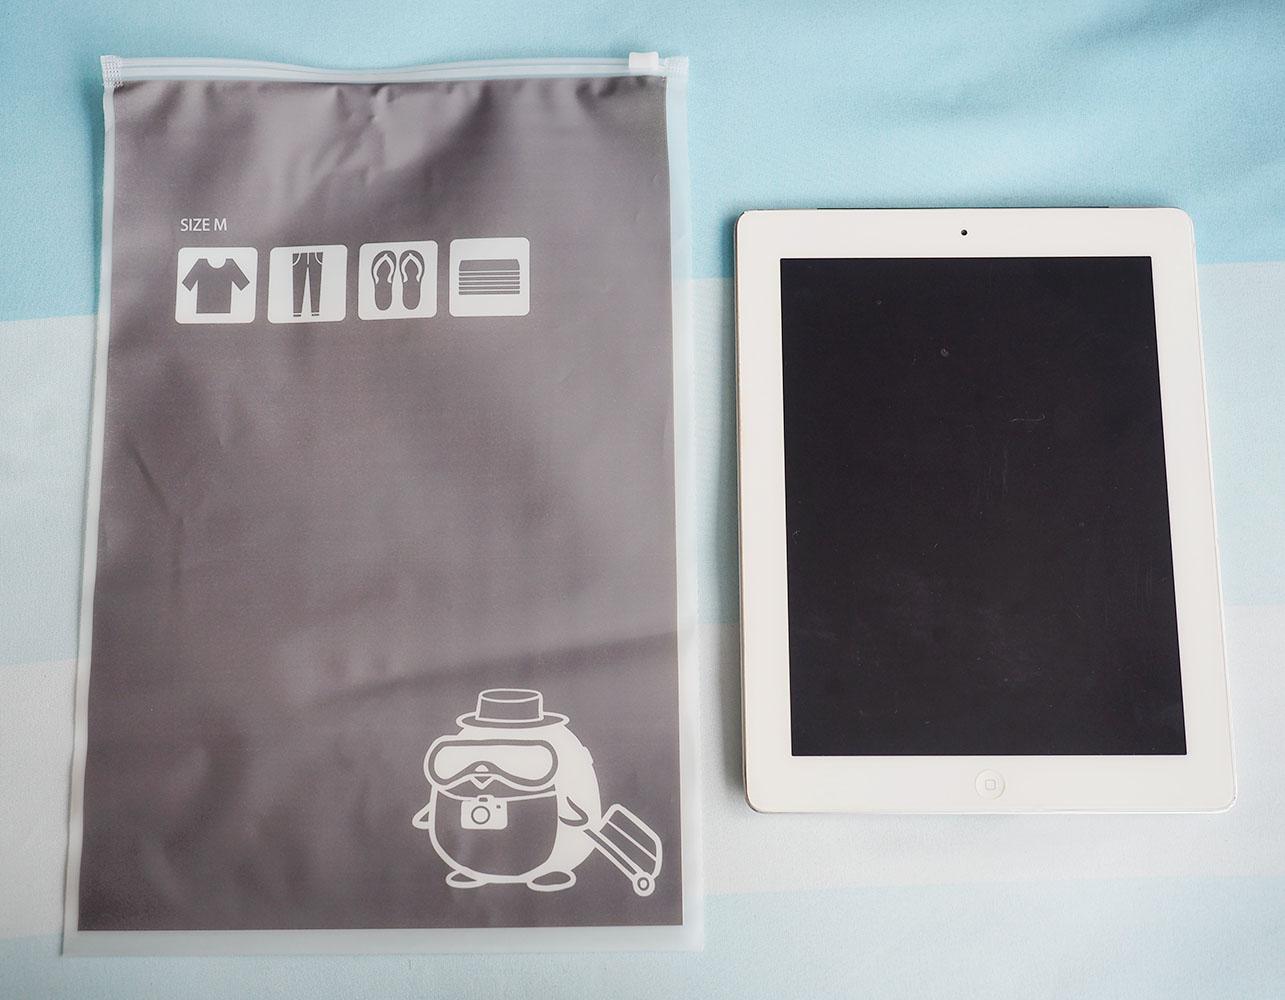 [เซต 3 ชิ้น] ถุงซิปรูดเอนกประสงค์ สำหรับใส่ของจัดระเบียบกระเป๋า Size M 3 ชิ้น